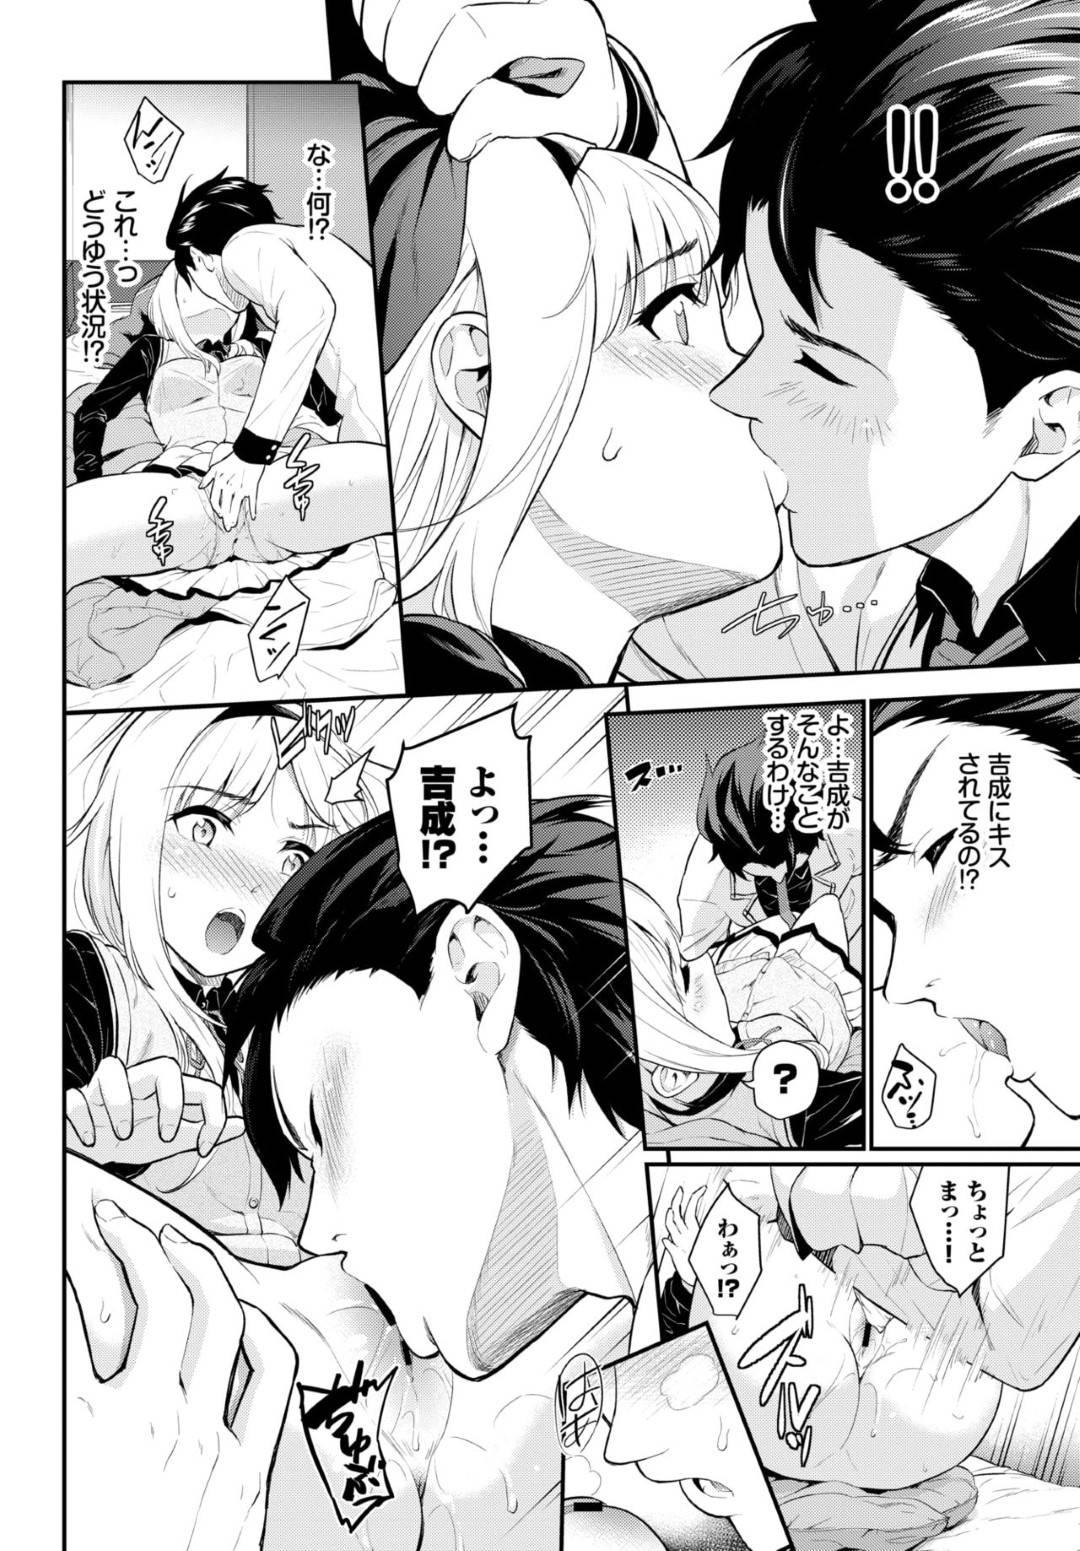 【エロ漫画】幼馴染男子の部屋でジャージの匂いを嗅ぎながらオナニーするJK…突然幼馴染にキスされ夢見心地でイチャラブ生ハメ中出しセックスしてイキまくる!【羽原ヒロ:もうそうでぃず!】